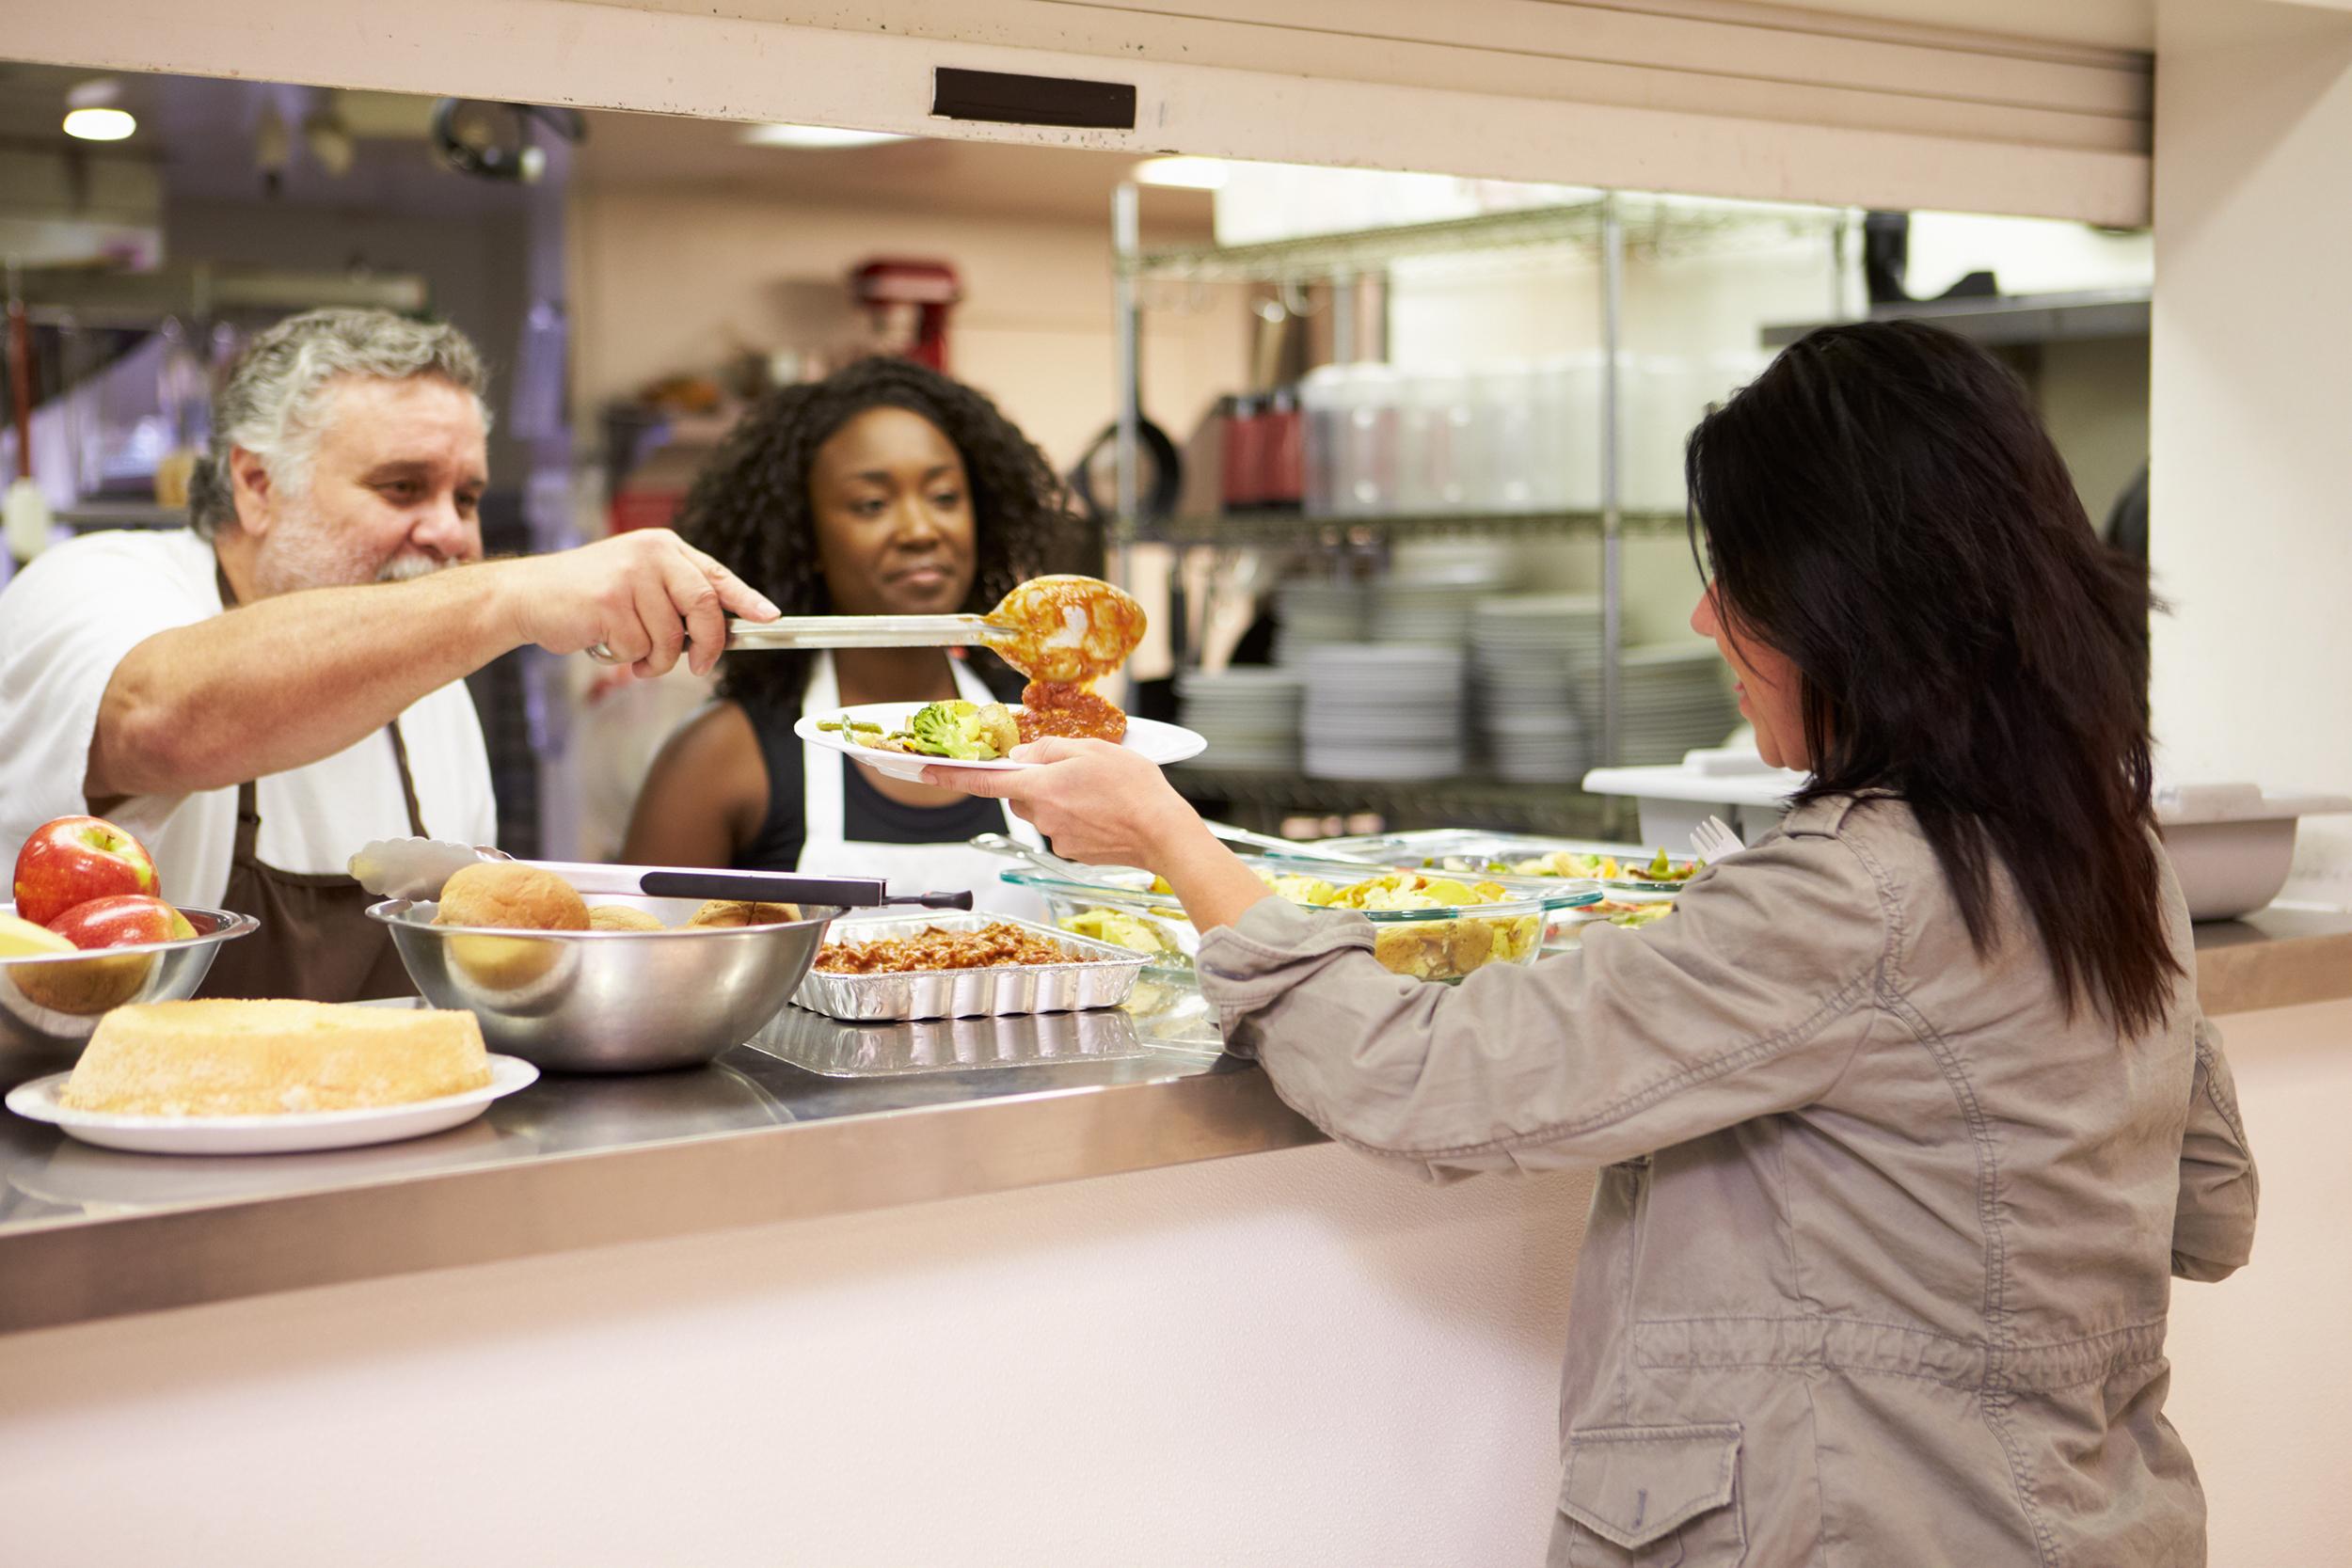 Free hot meal at Faith Café for Washington county neighbors